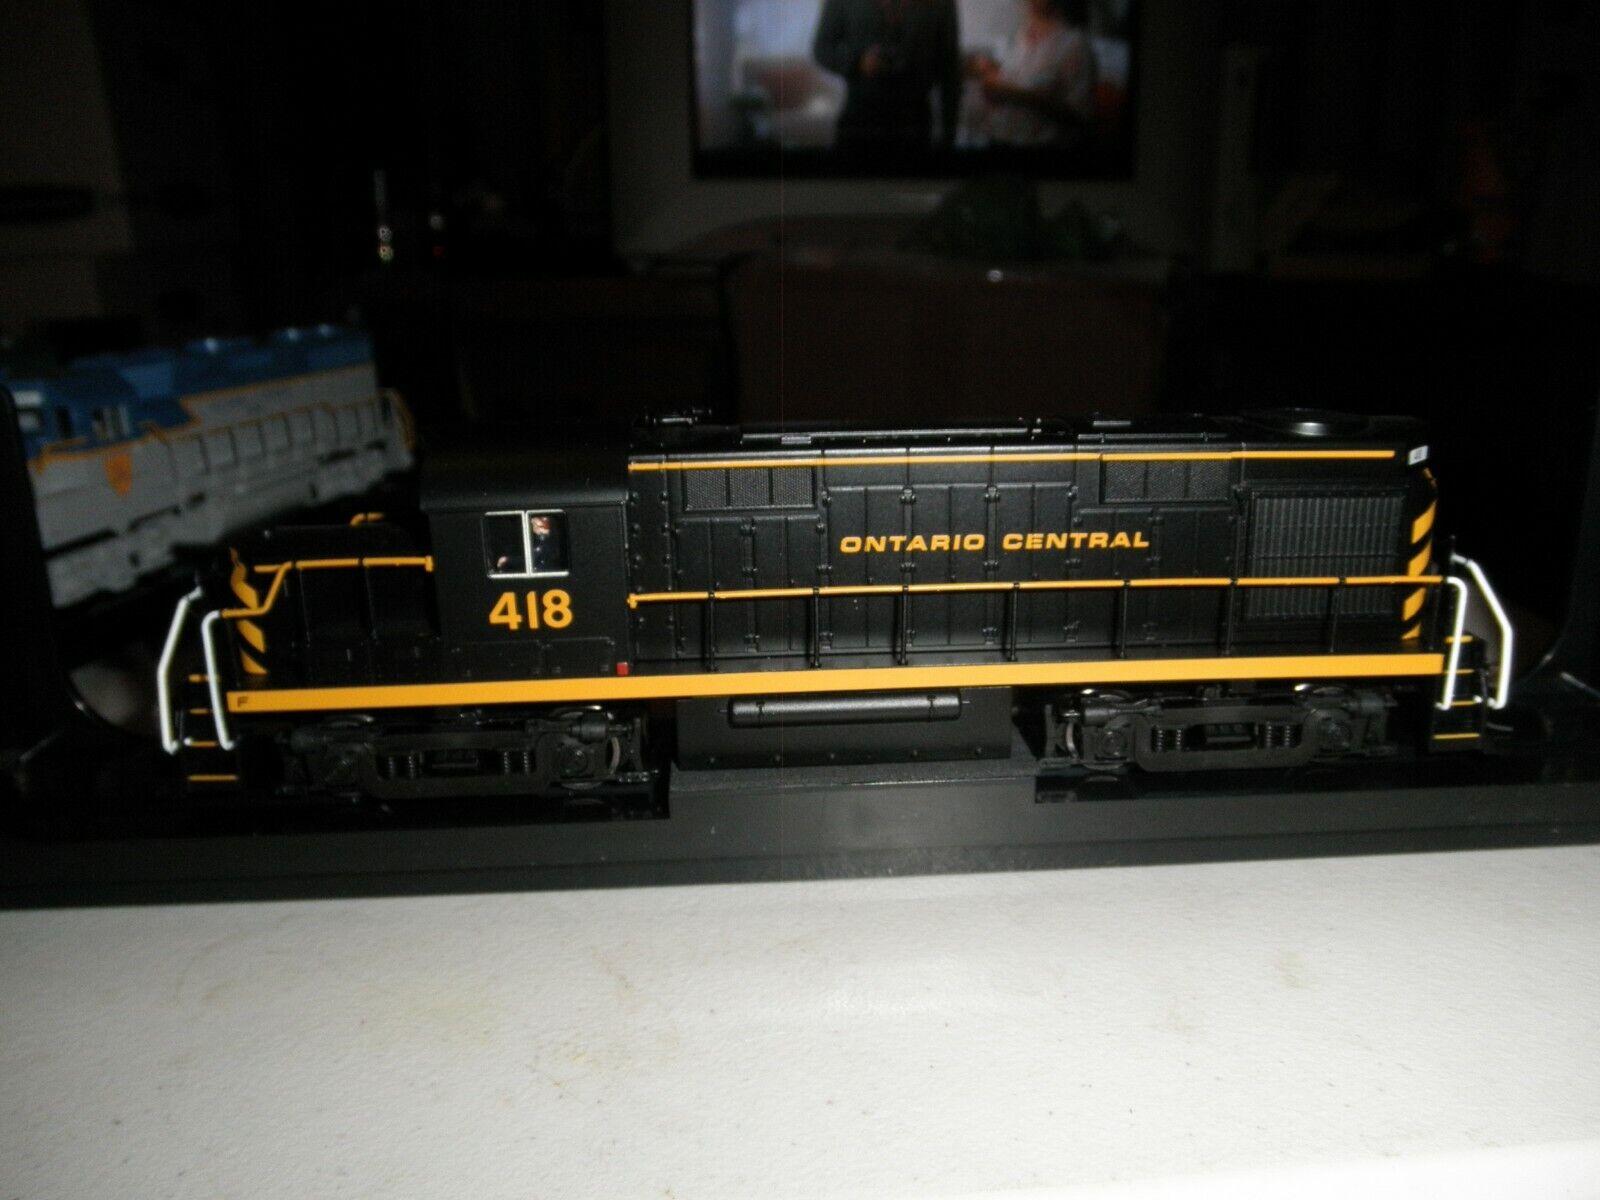 Serie De oro RS-36 central de Ontario